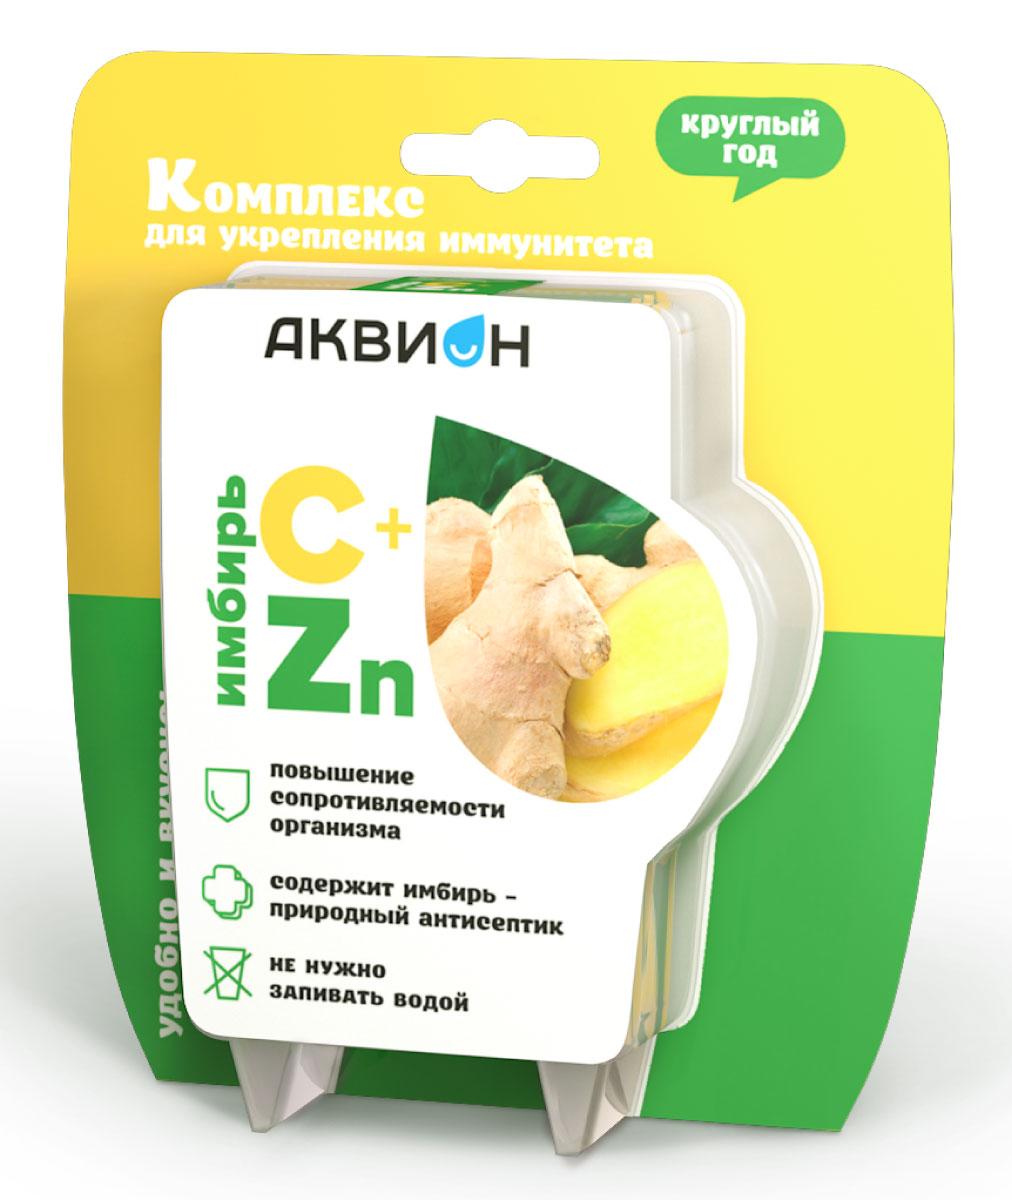 Комплекс для укрепления иммунитета Аквион С+ и Zn, имбирь, 10 саше x 2 г18081Комплекс для укрепления иммунитета Аквион С+ и Zn с имбирем - простые и удобные продукты для укрепления защитных сил организма. Положительное действие витамина С и цинка на иммунную систему усилено натуральными компонентами.Для укрепления иммунитета:- Высокие дозировки активных веществ – витамина С и цинка.- Сочетание местного и общего действия. - Не требуется запивать водой.- Без сахара.Товар не является лекарственным средством.Товар не рекомендован для лиц младше 18 лет.Могут быть противопоказания и следует предварительно проконсультироваться со специалистом.